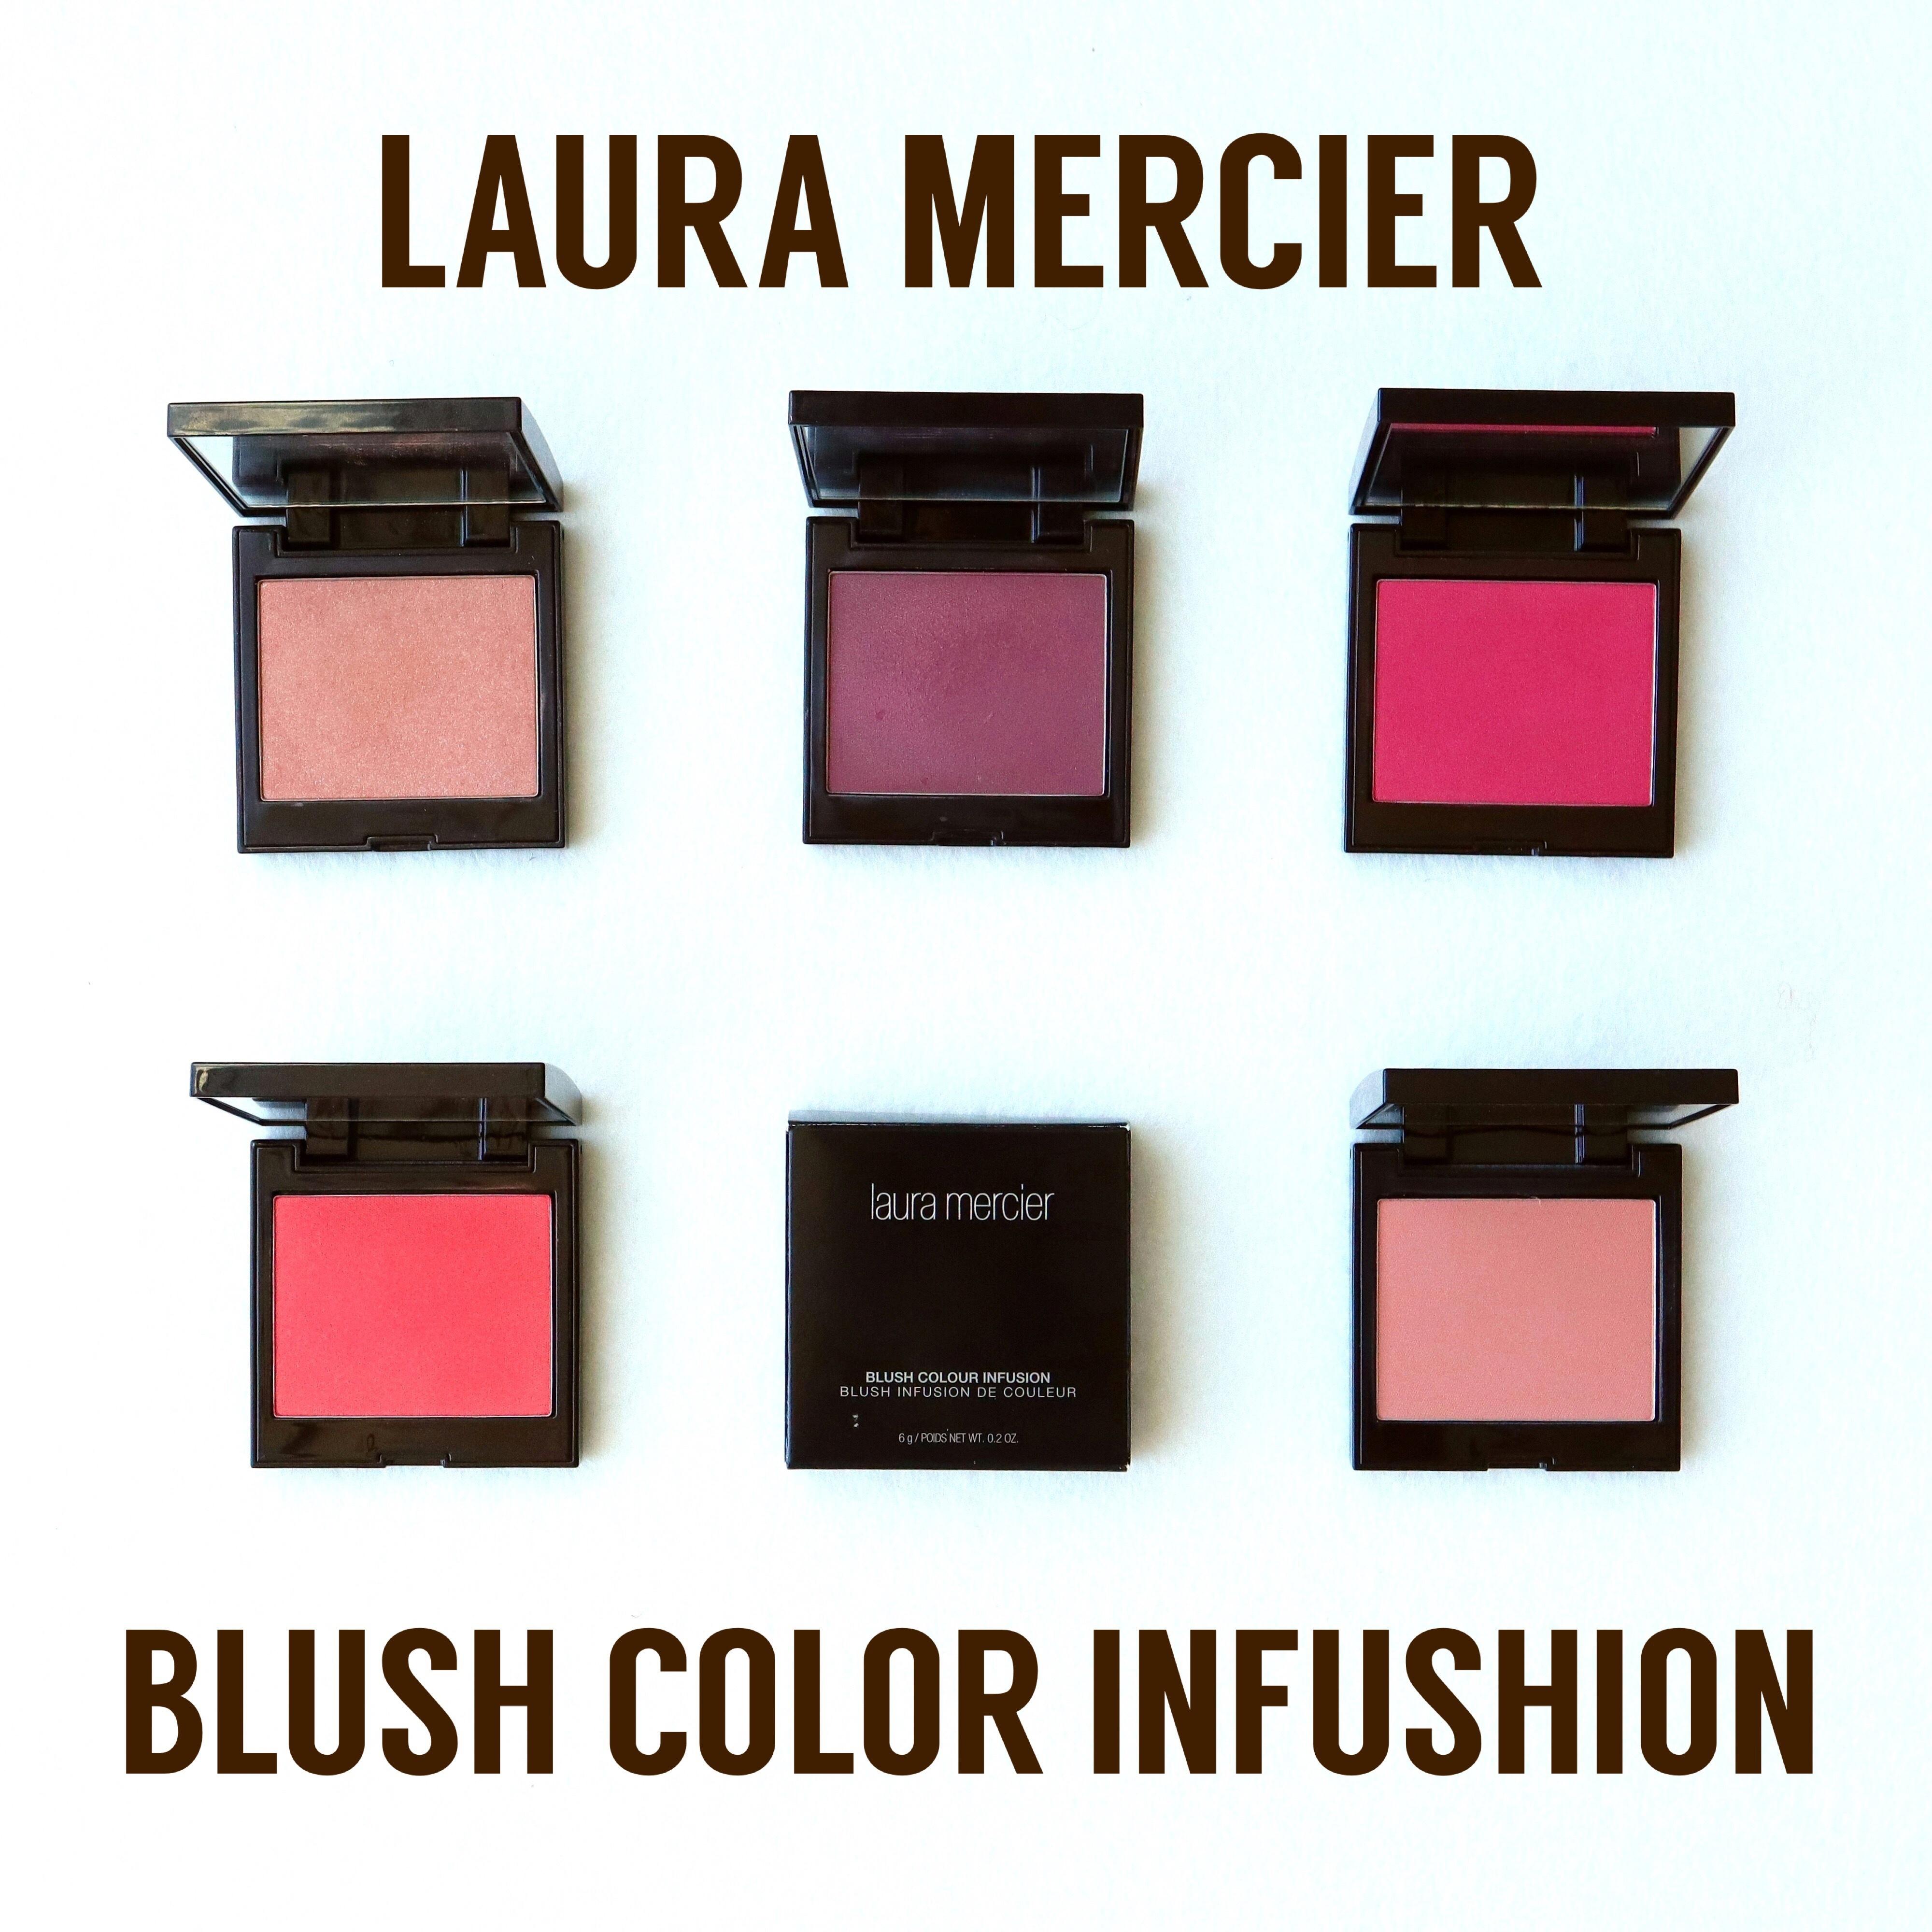 <入荷チェックが欠かせない?>ローラメルシエのブラッシュカラーインフュージョンの人気カラーをご紹介